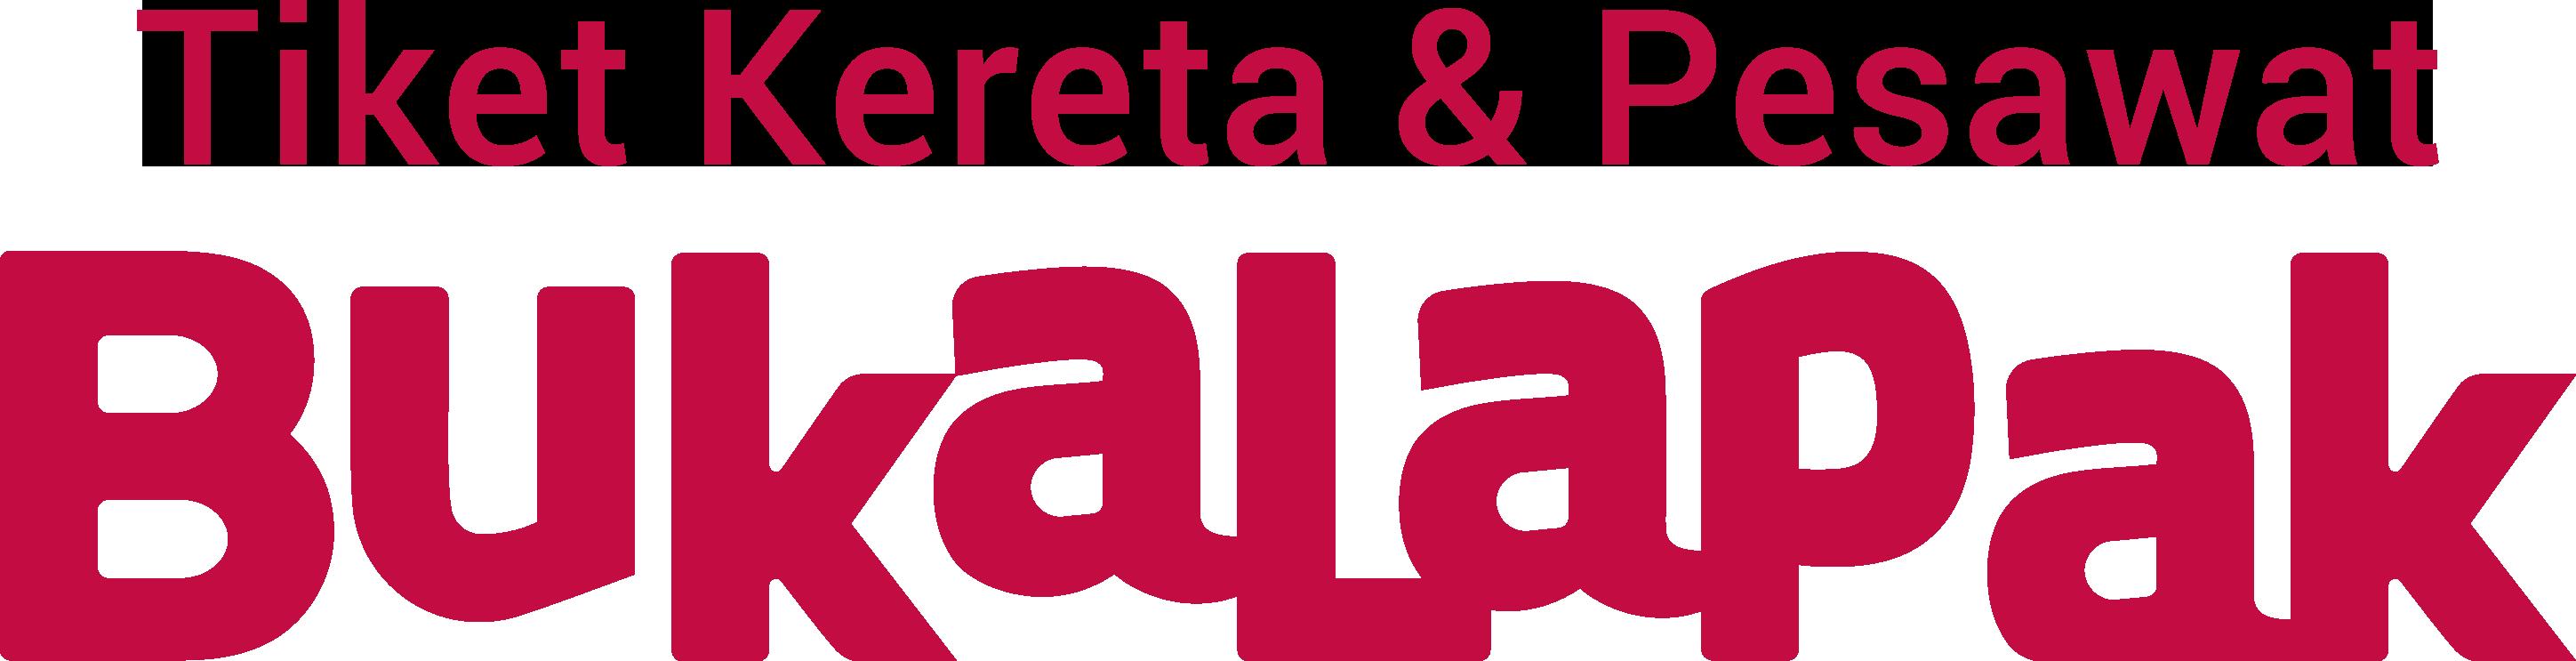 Promo Tiket by Bukalapak